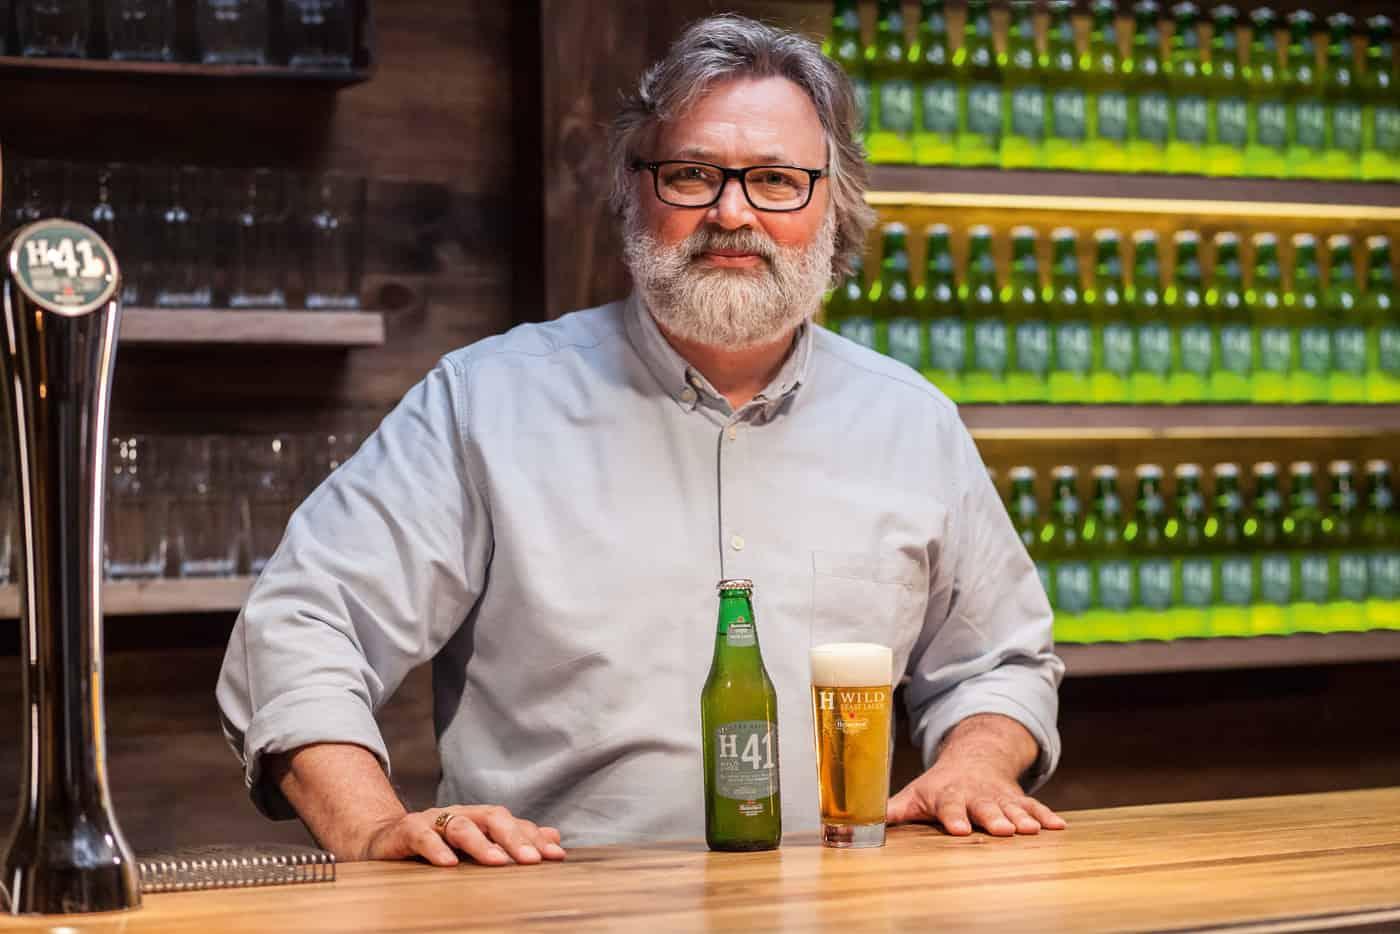 Willem Van Waesberghe Heineken master brewer